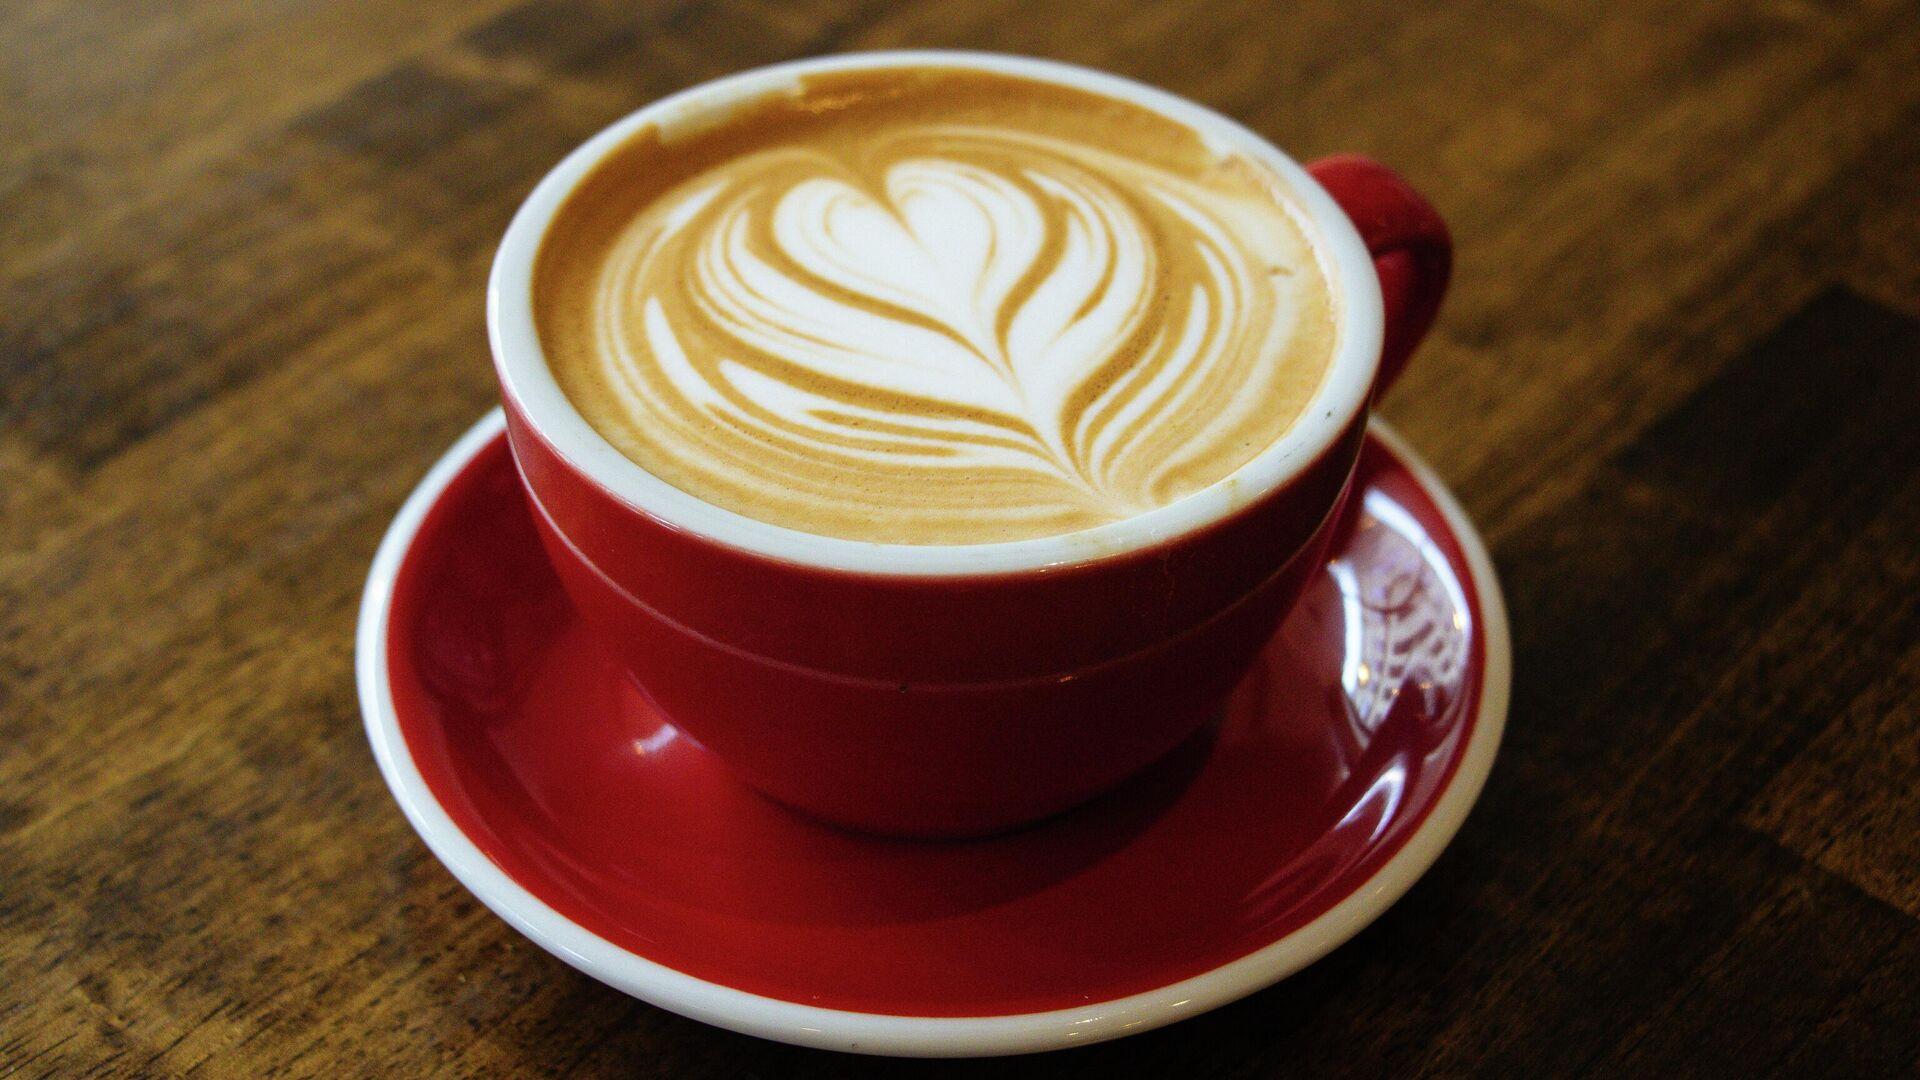 Una taza de café - Sputnik Mundo, 1920, 20.06.2021